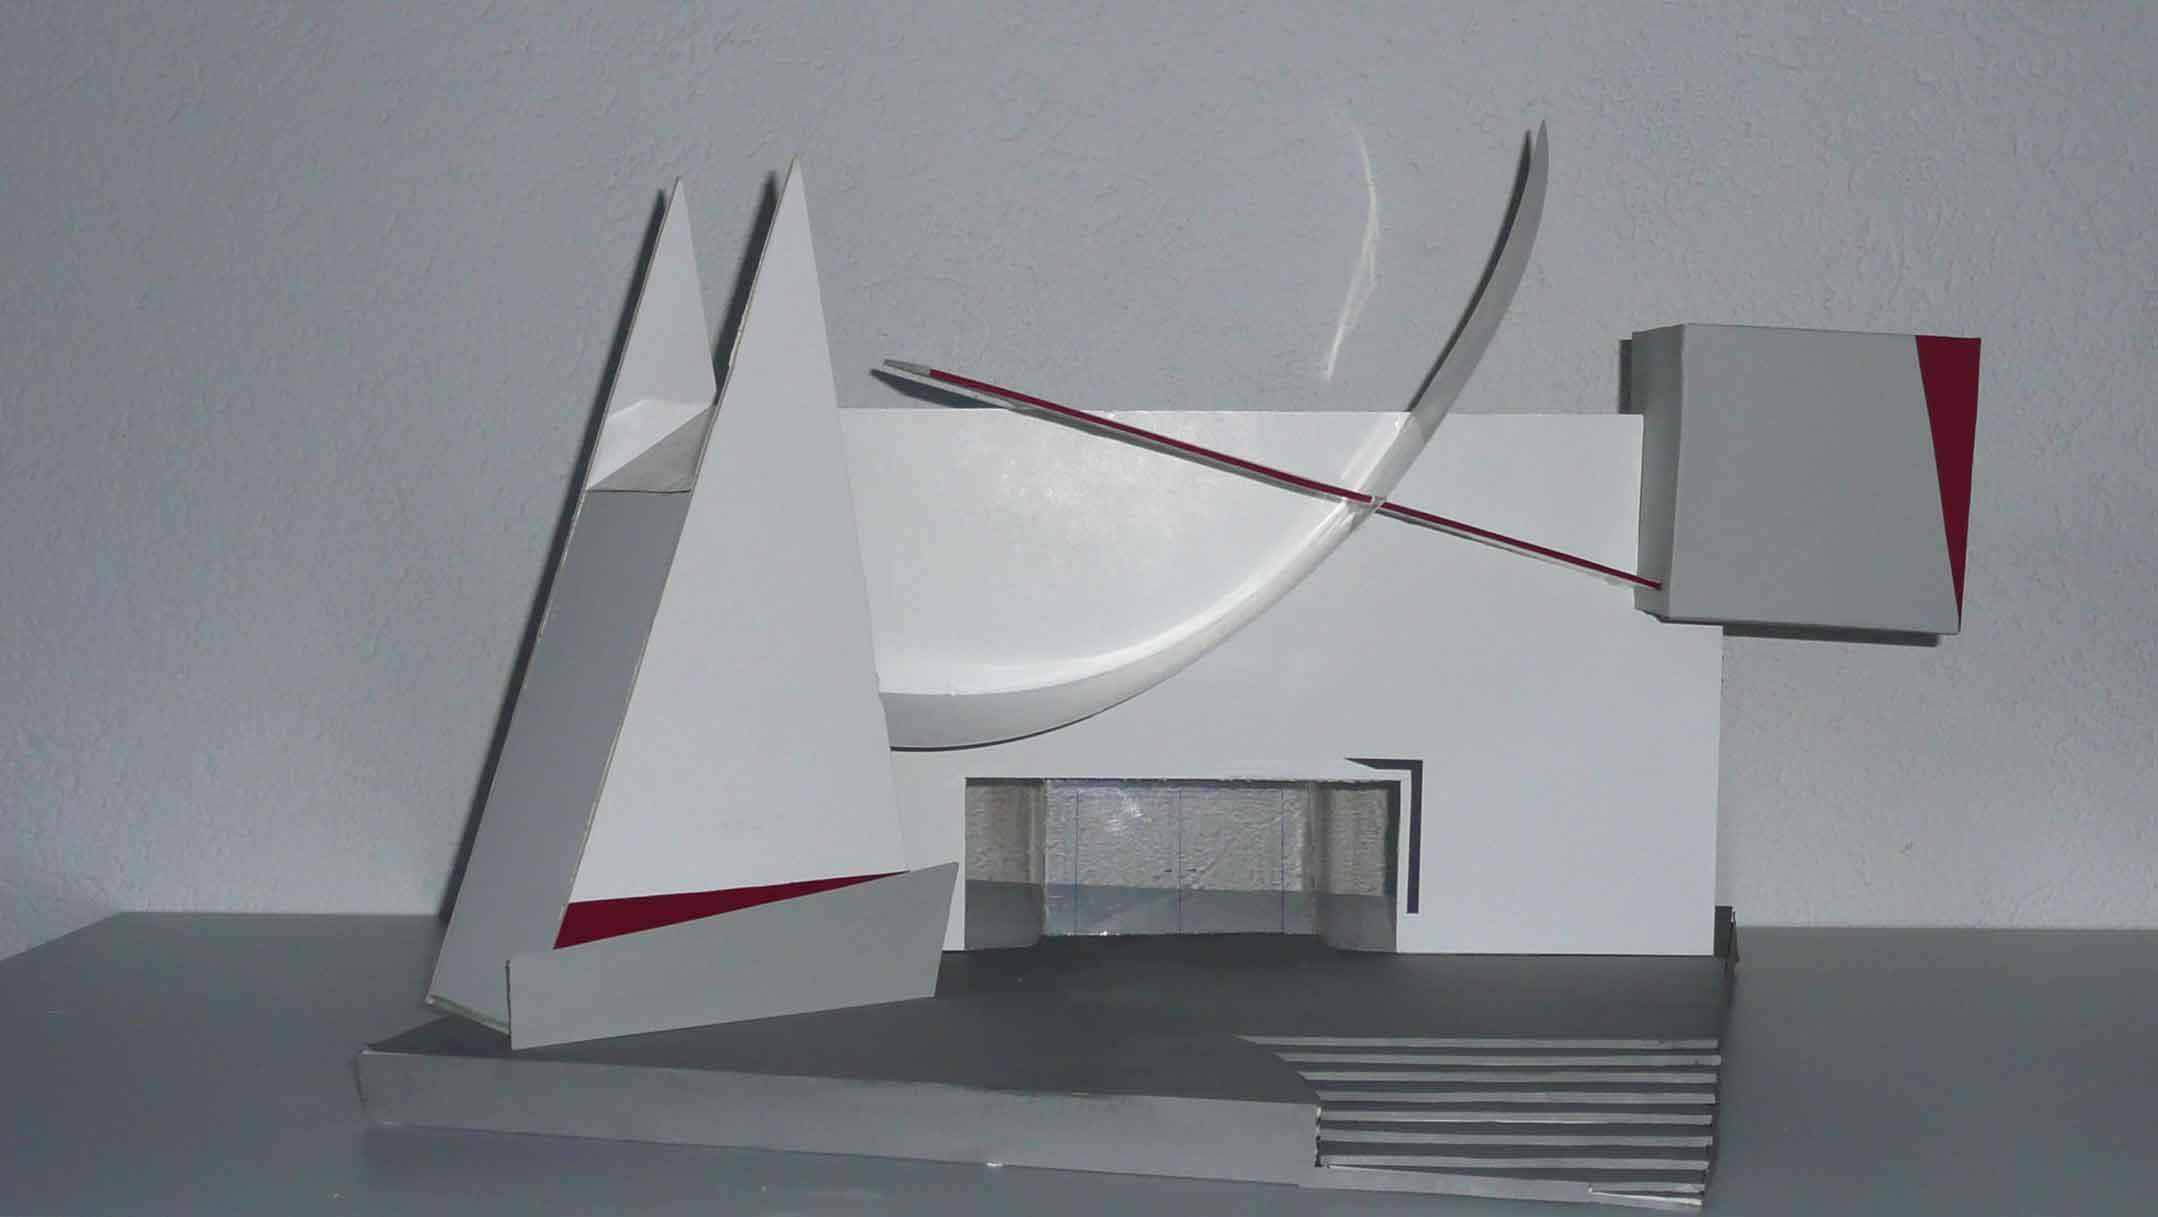 Moderner eingangsbereich innen  13/14 J2 Eingangsbereich Museum für Moderne Kunst